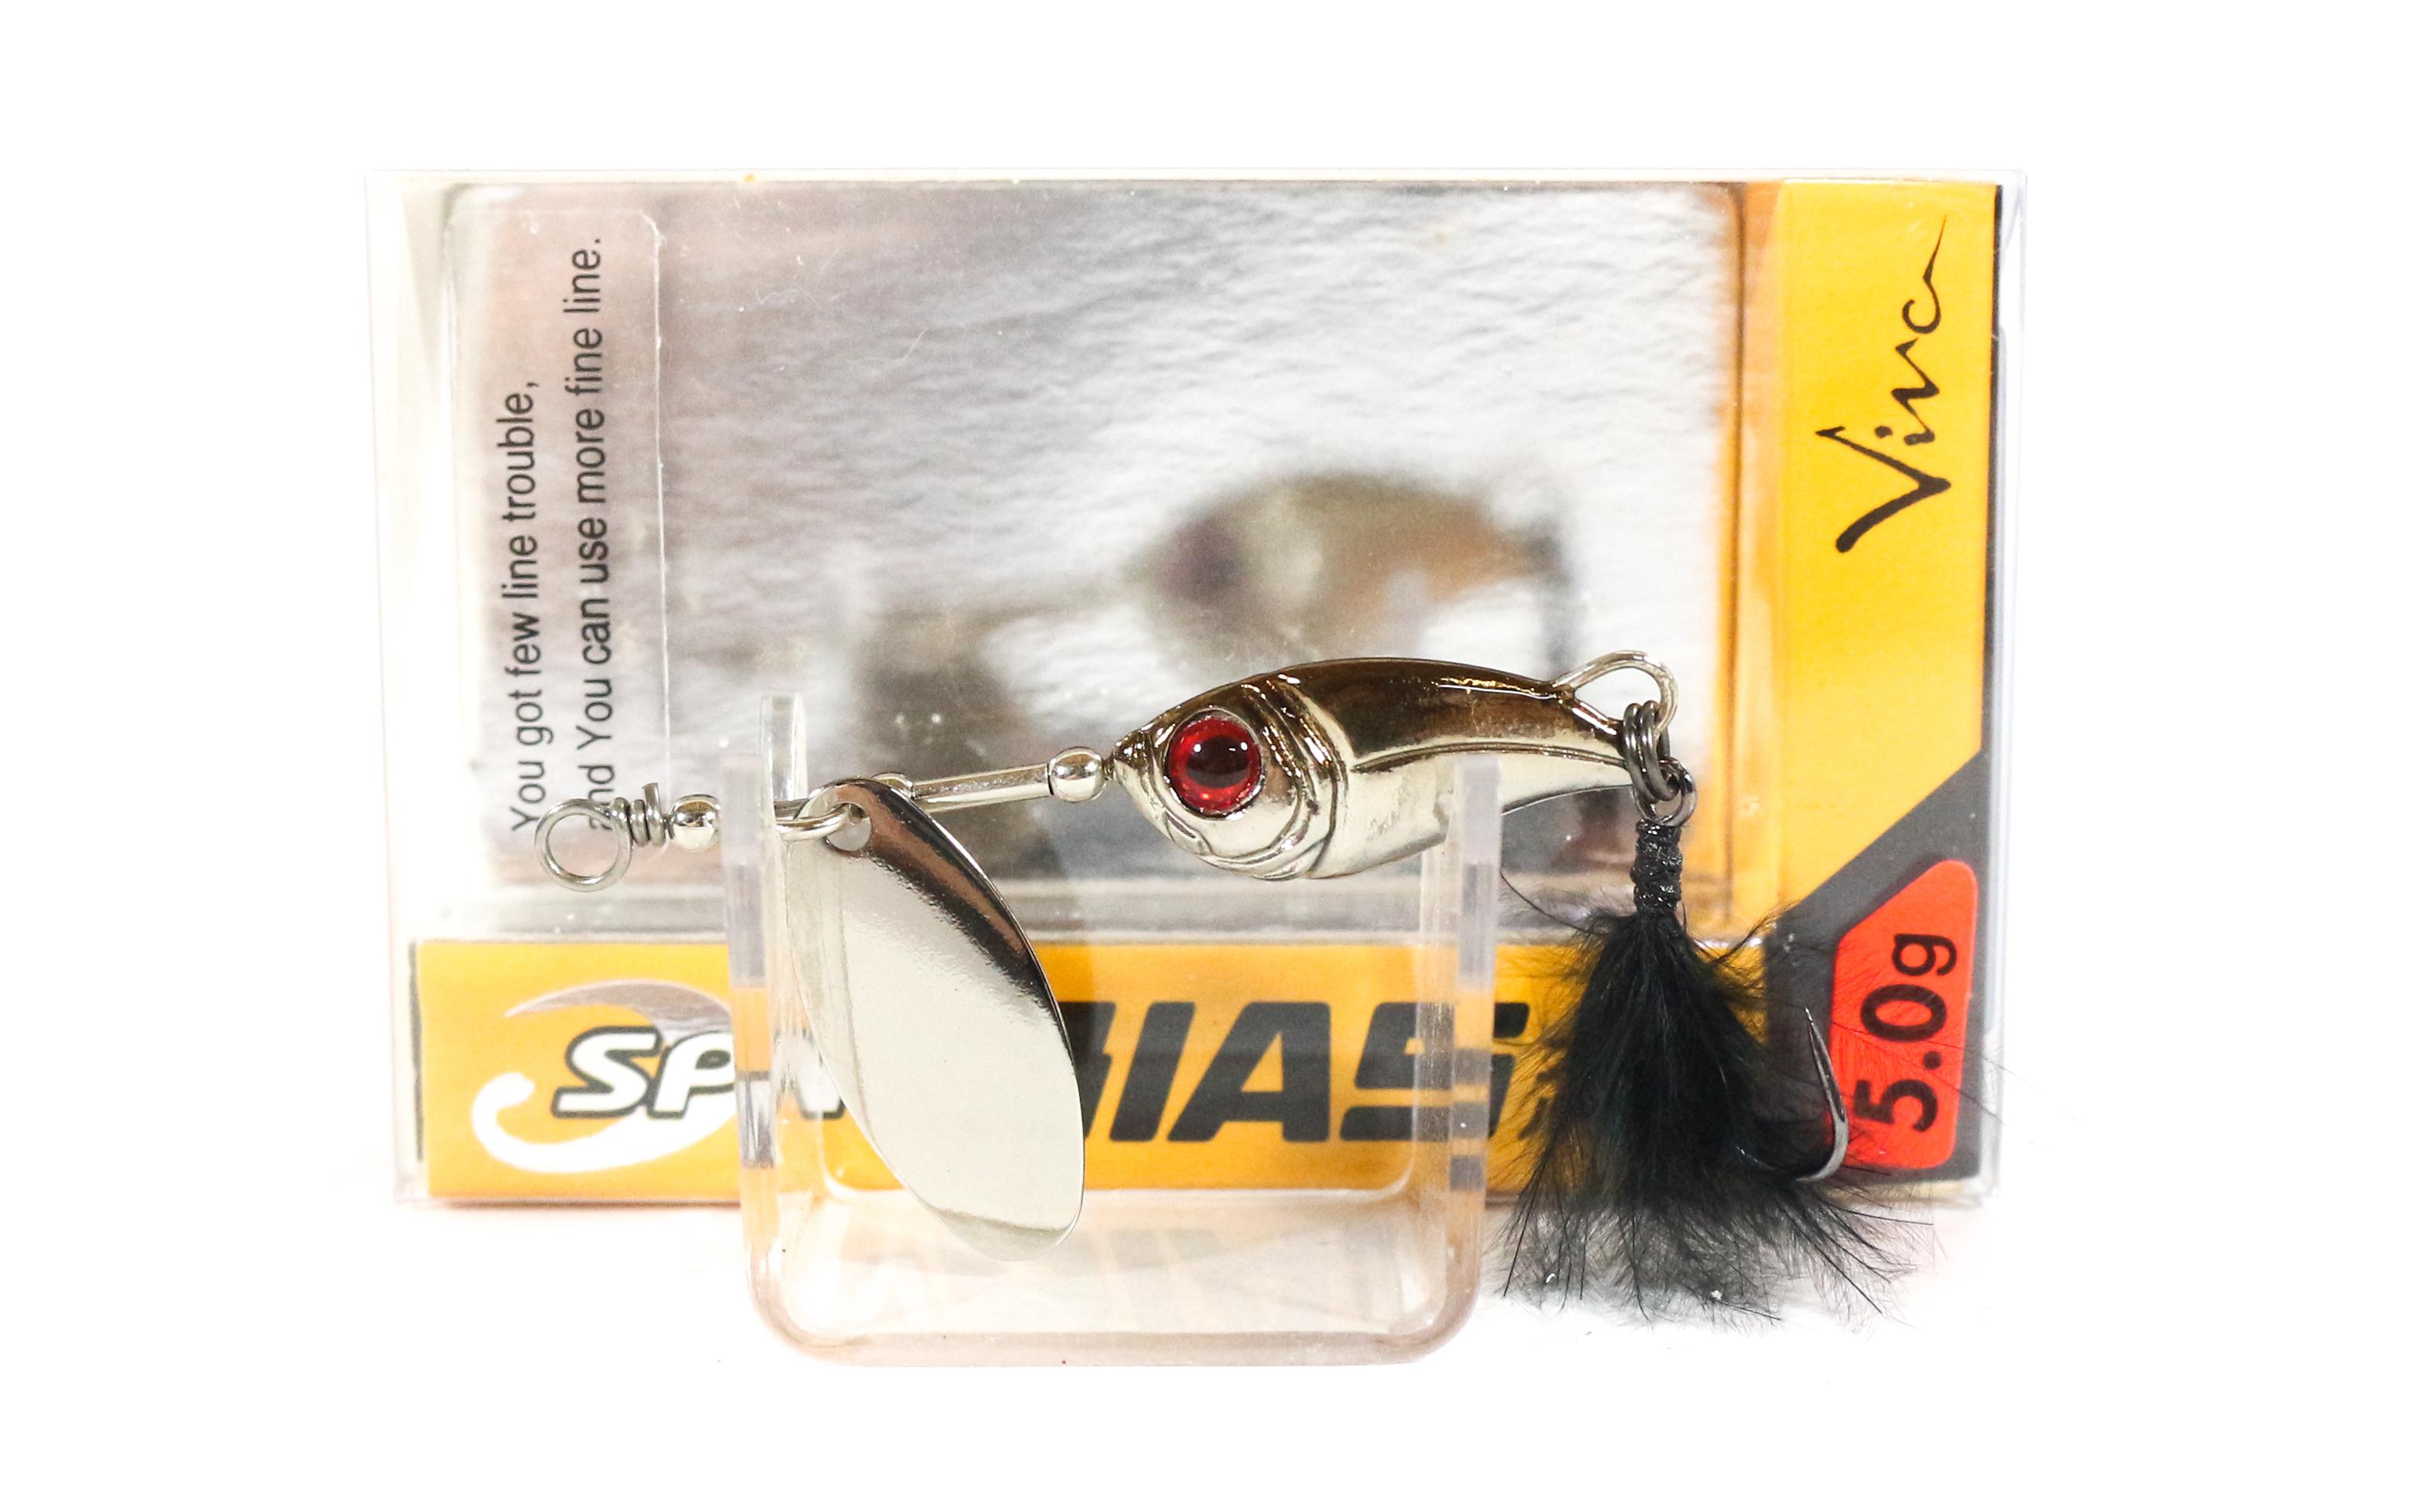 Viva Spin Bias 5 grams Spinner Bait Lure 19S (4150)